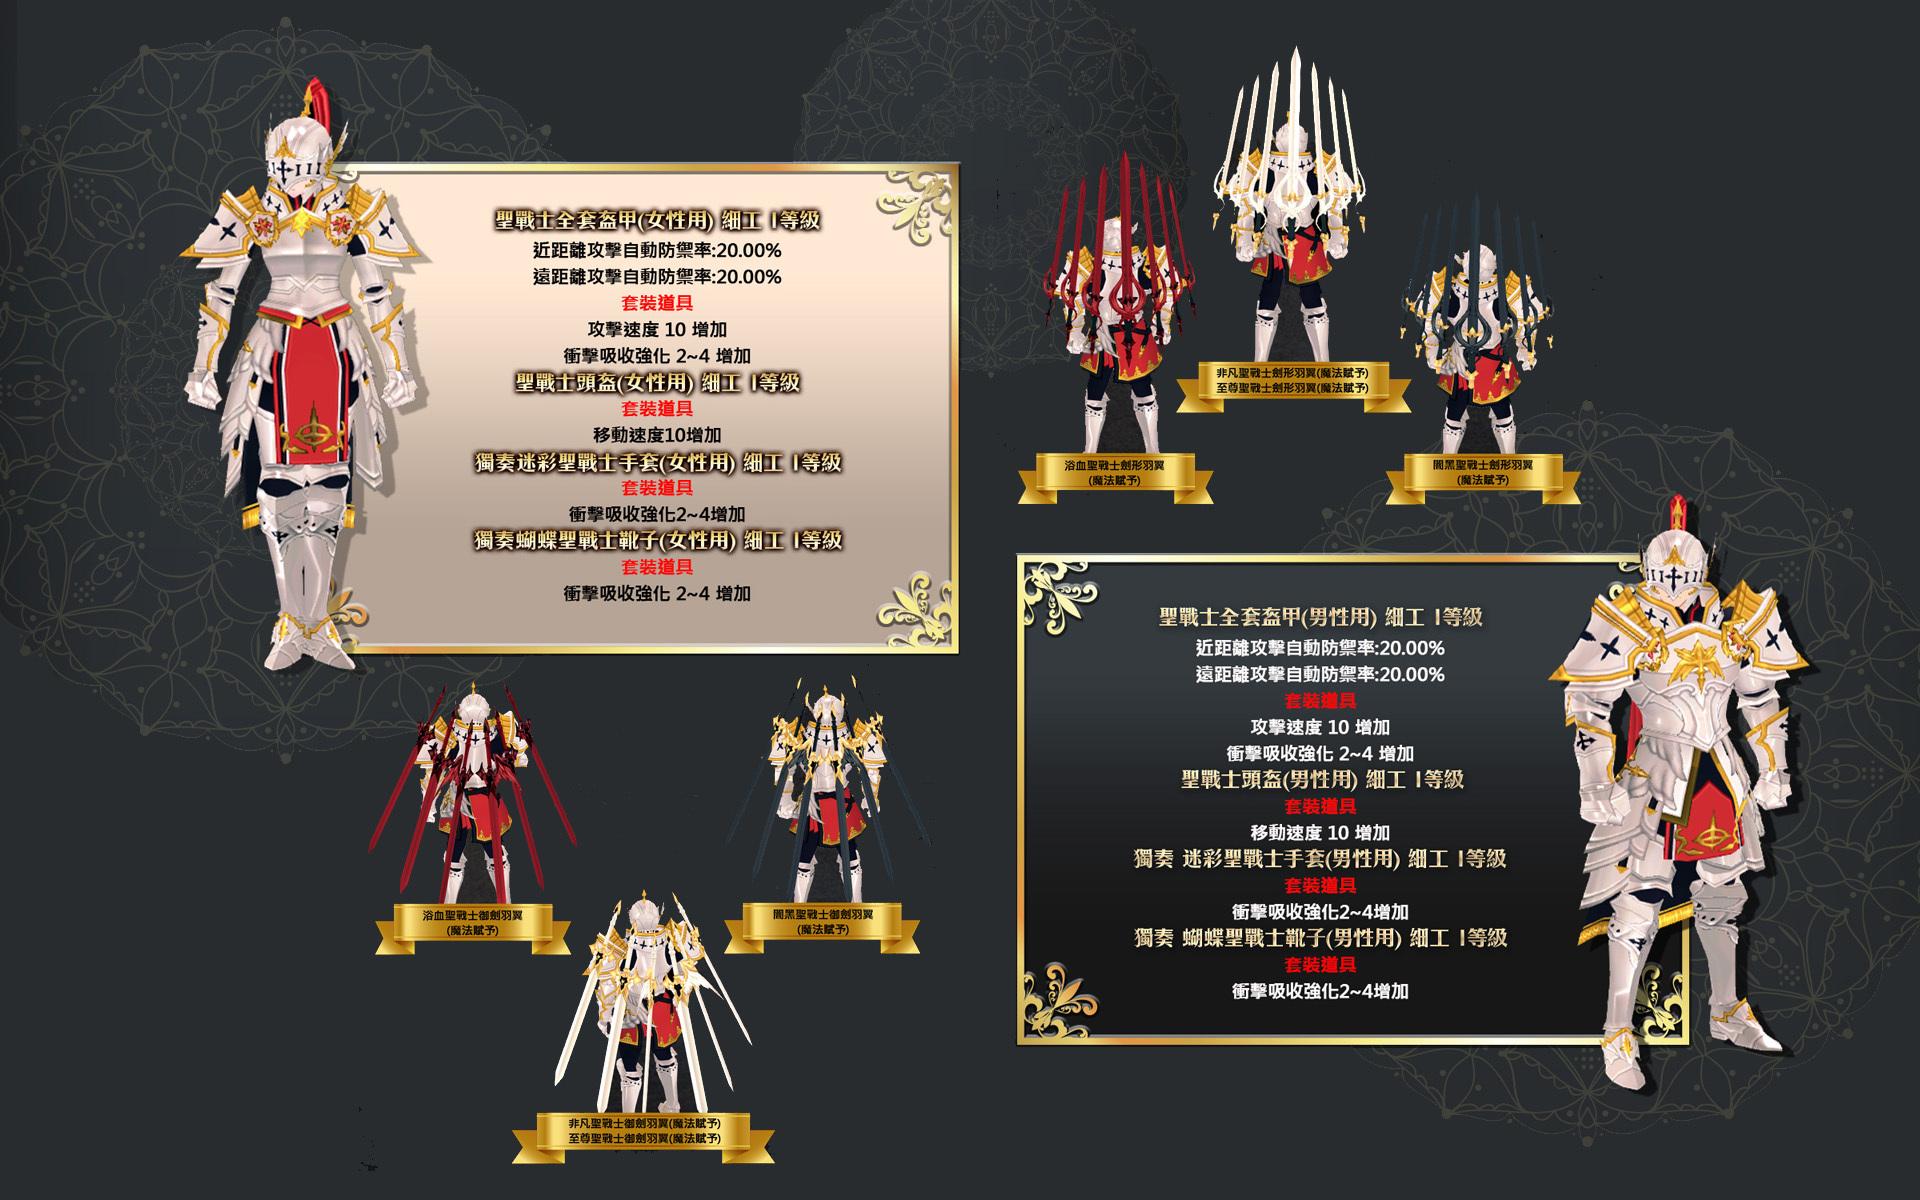 台湾マビ201901-3